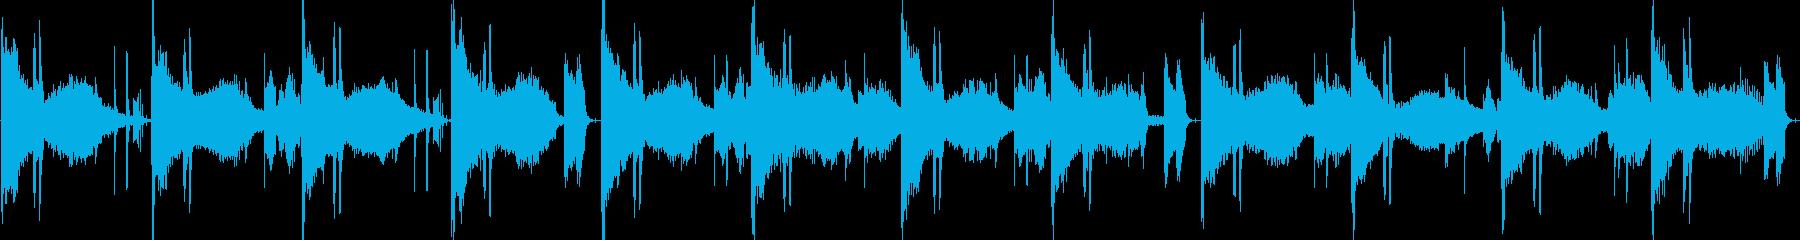 夜中のラジオで流れてそうなホーンサウンドの再生済みの波形